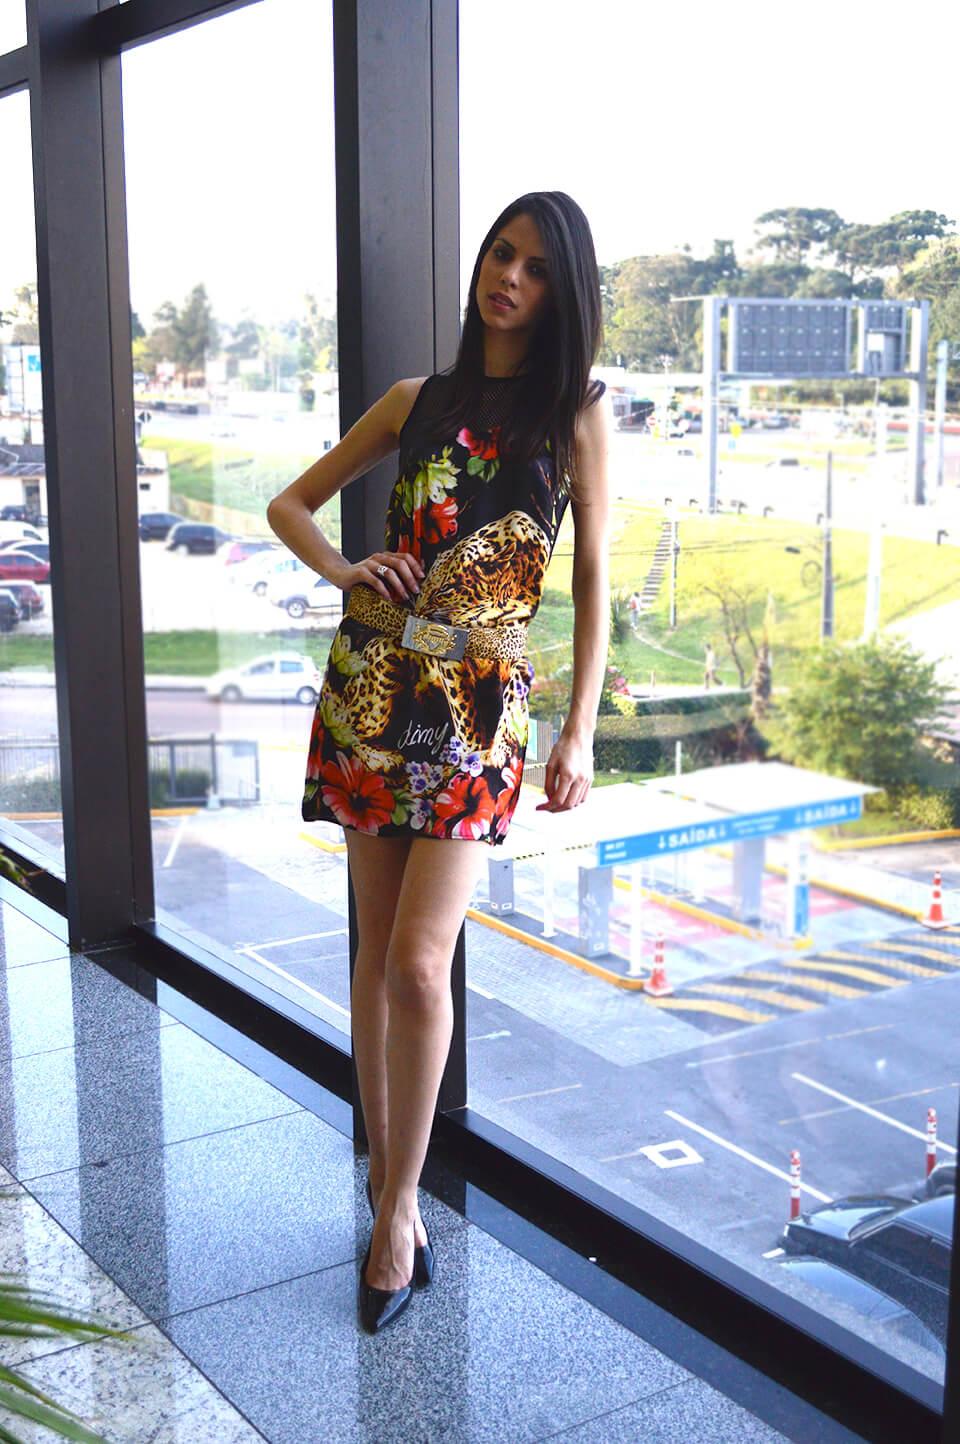 Vestido estampa animal print e floral da Dimy em Curitiba